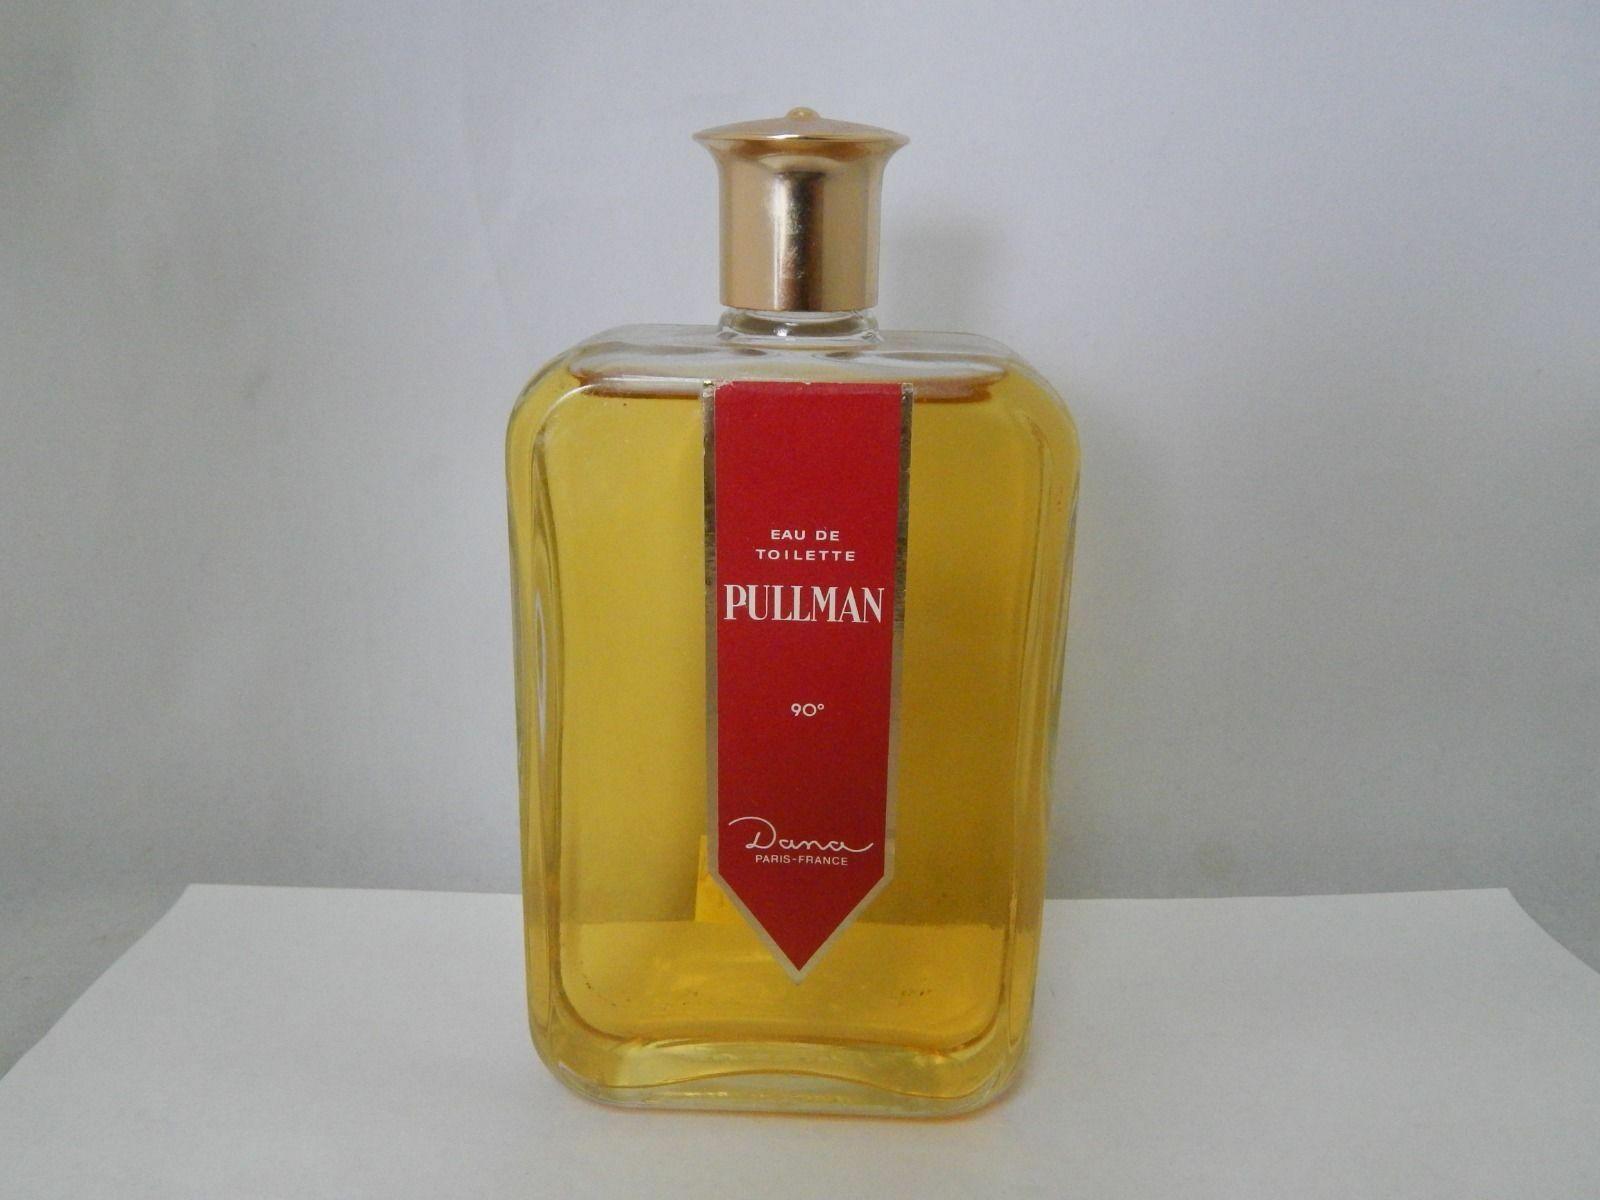 Pullman bottle